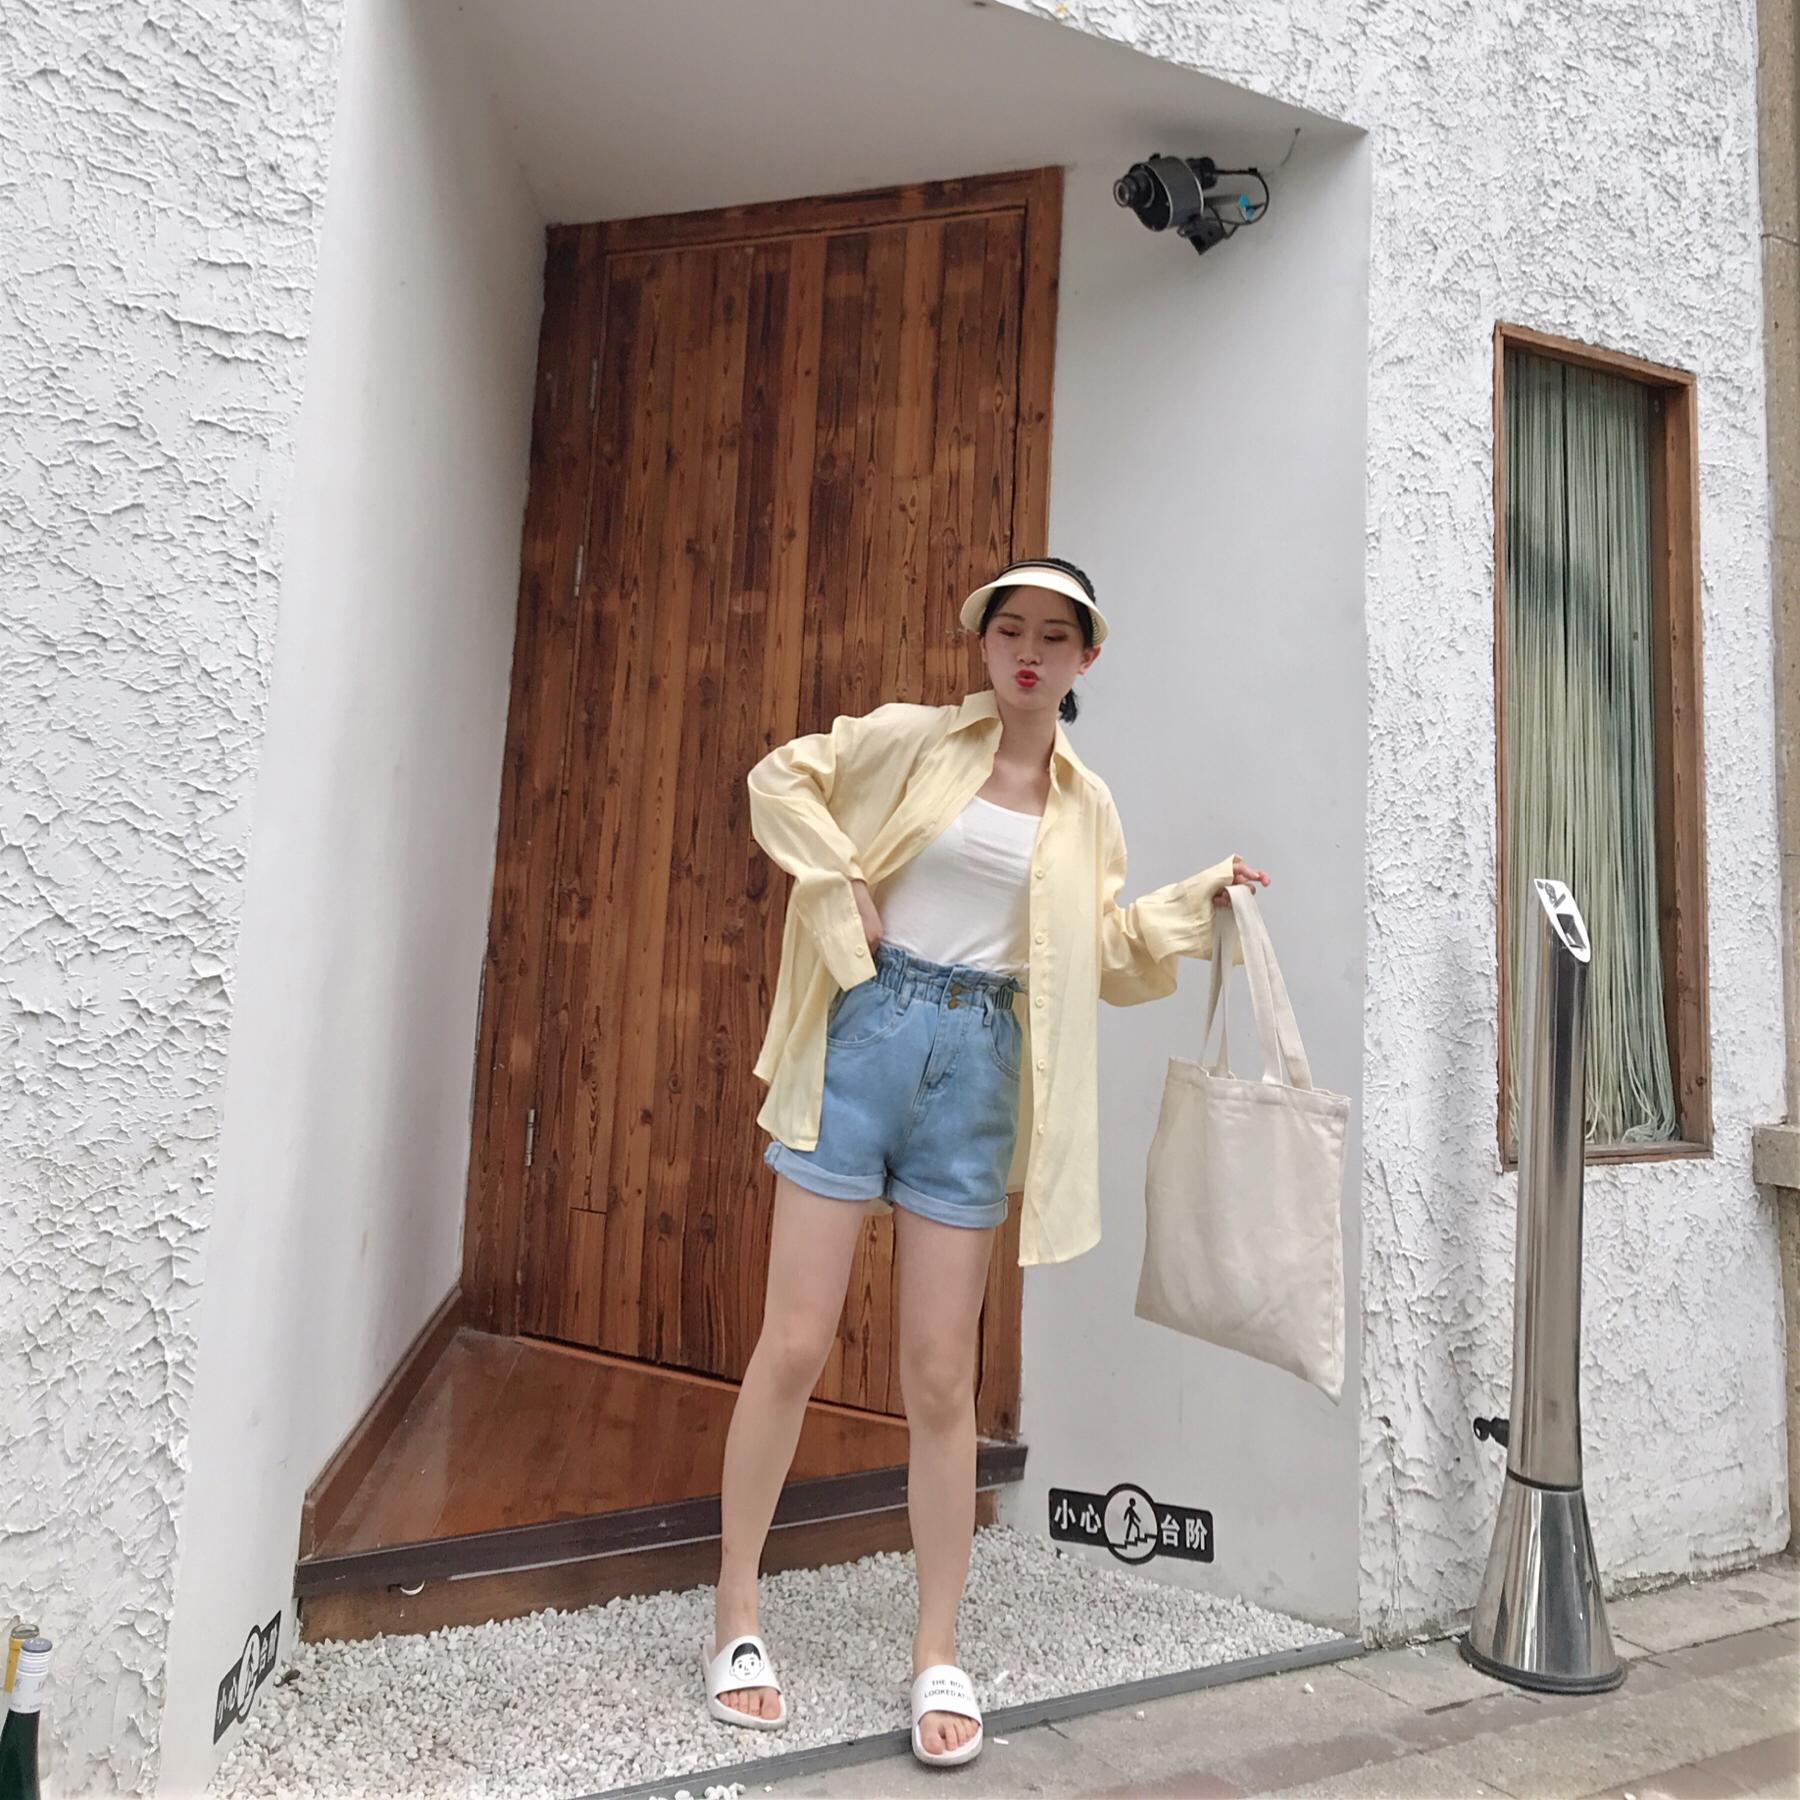 """#""""心动的信号""""式温柔穿搭# 奶黄色衬衫+蓝色牛仔裤+白色吊带 吹爆这件奶奶的黄色衬衫哦 巨温柔的颜色 搭配了基础的白色小吊带和高腰牛仔裤休闲又好看"""